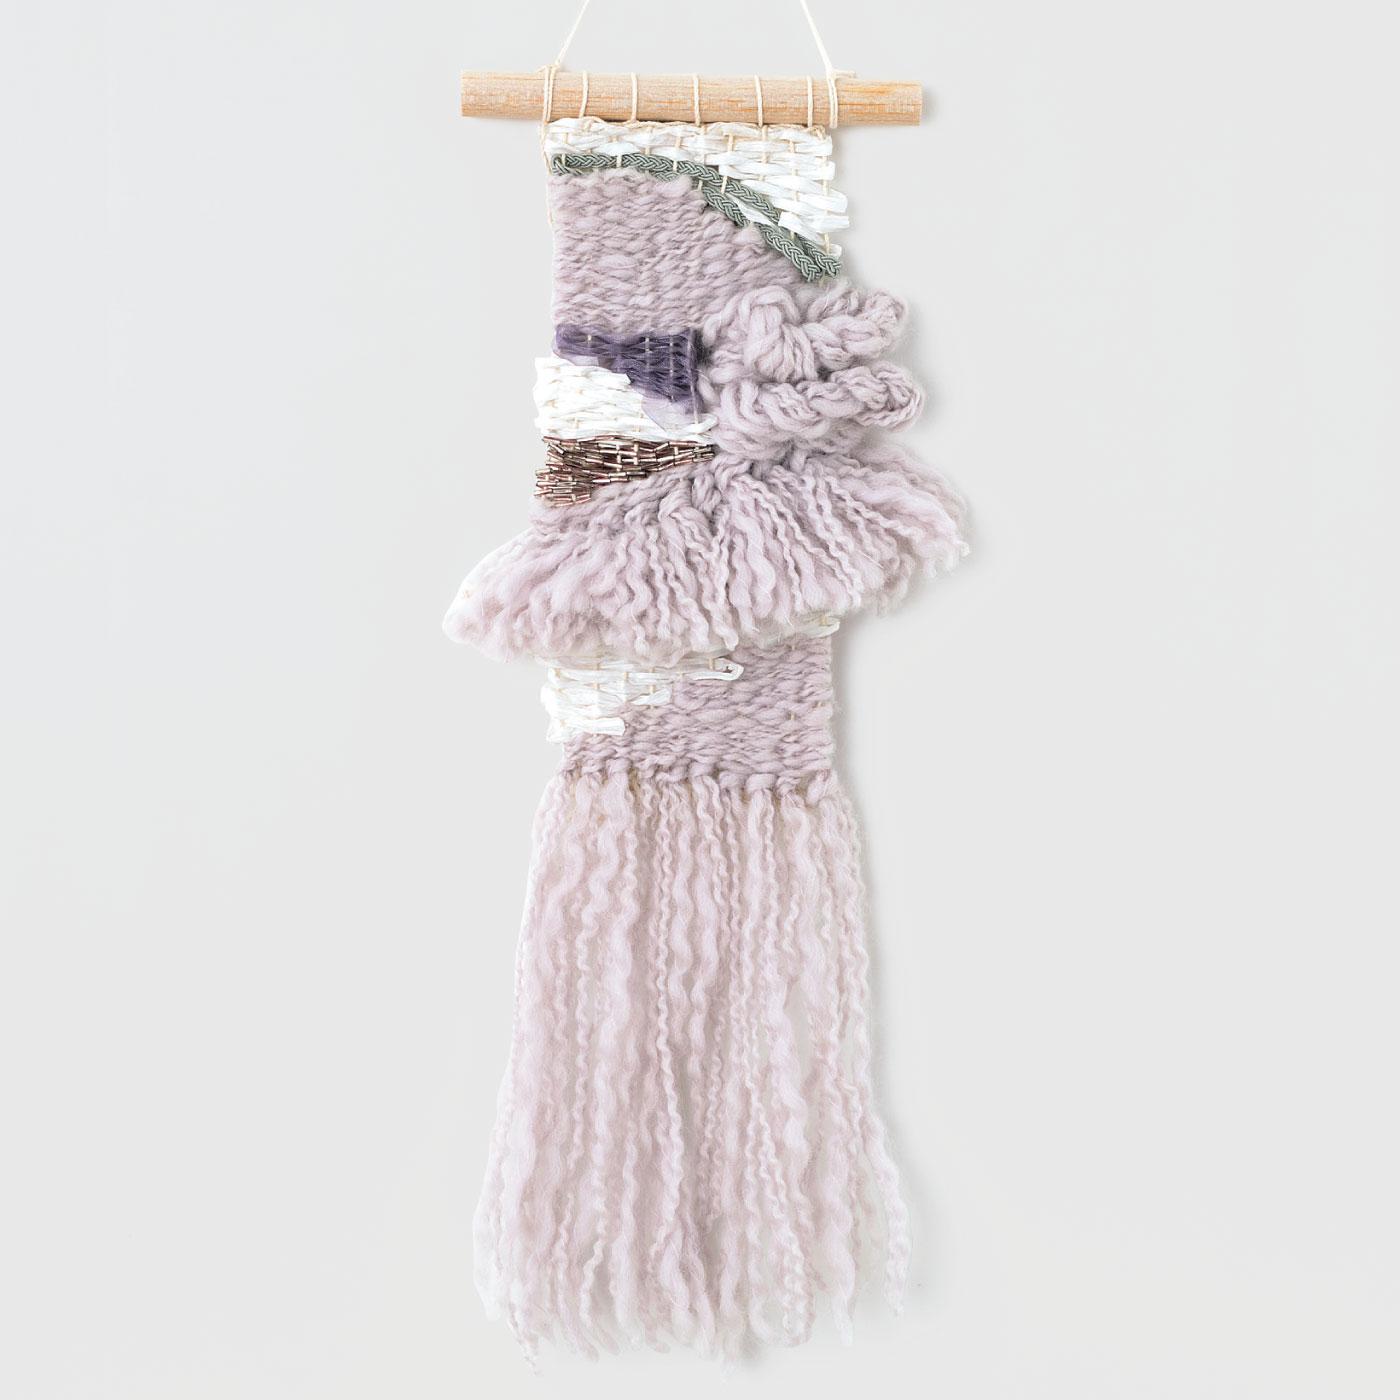 スラブ糸とガラスビーズの織りこみ